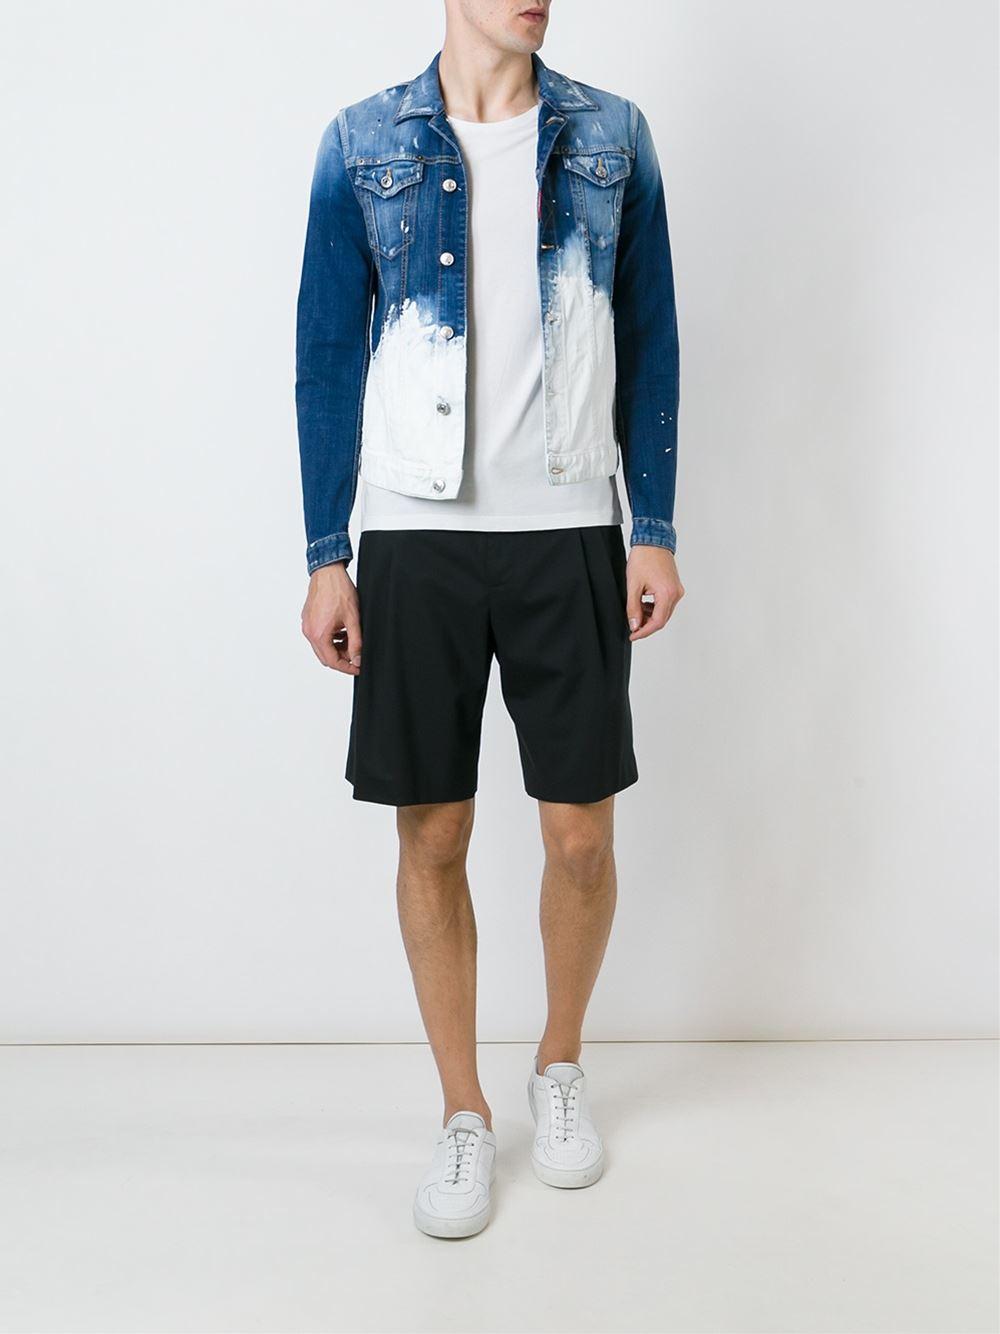 Dsquared 178 Paint Splatter Denim Jacket In Blue For Men Lyst